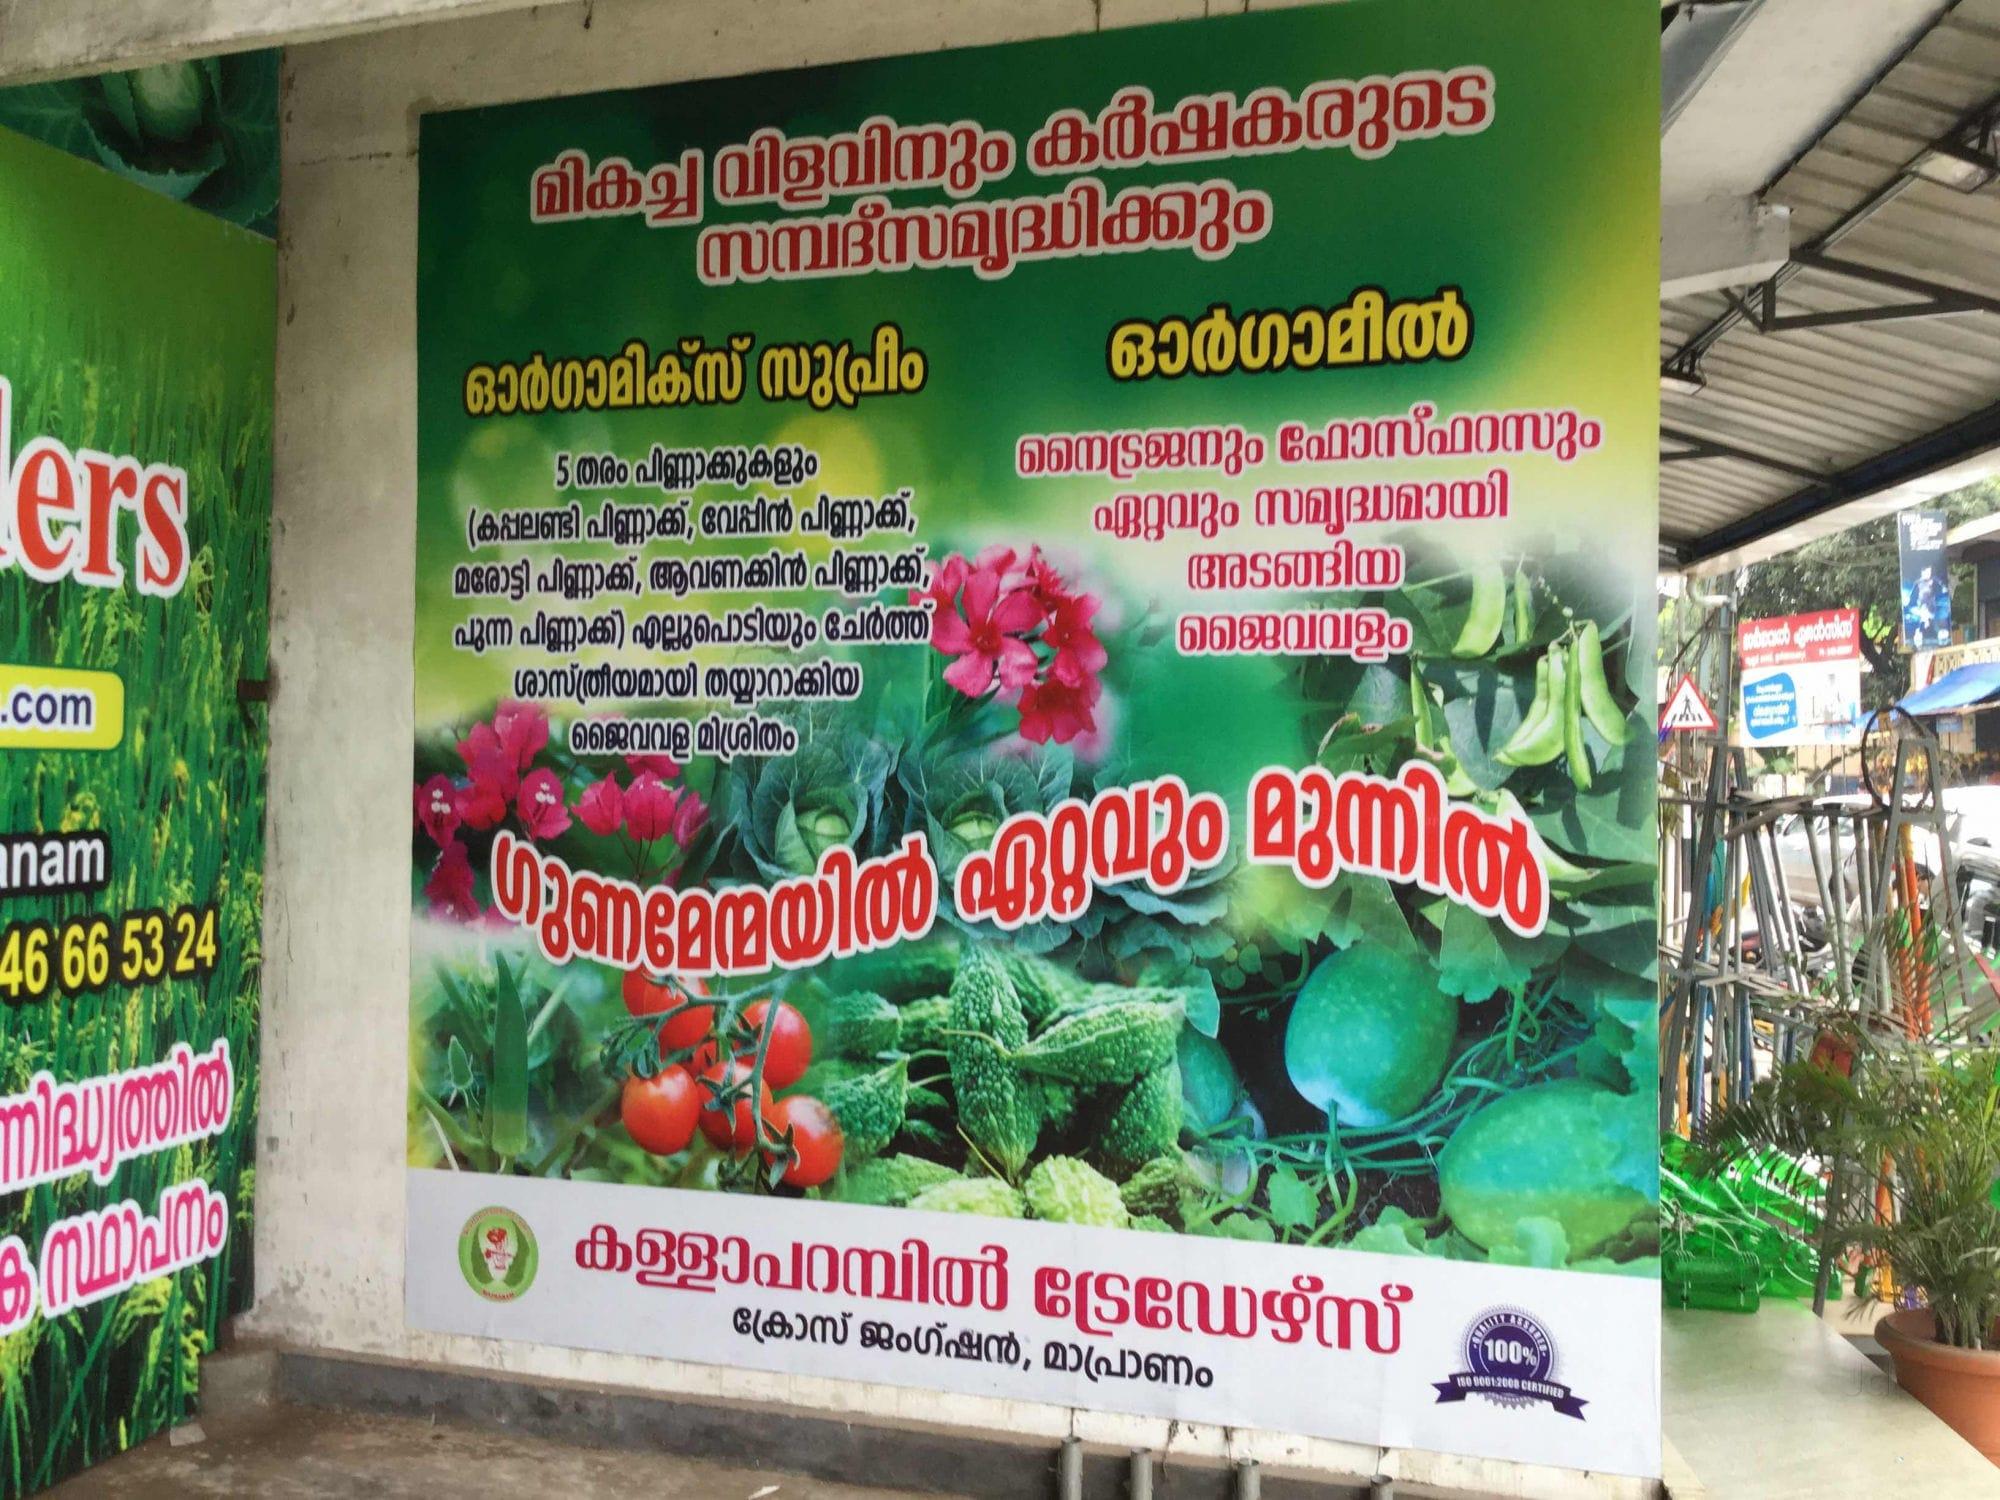 Top Organic Fertilizer Manufacturers in Manjeri - Best Organic